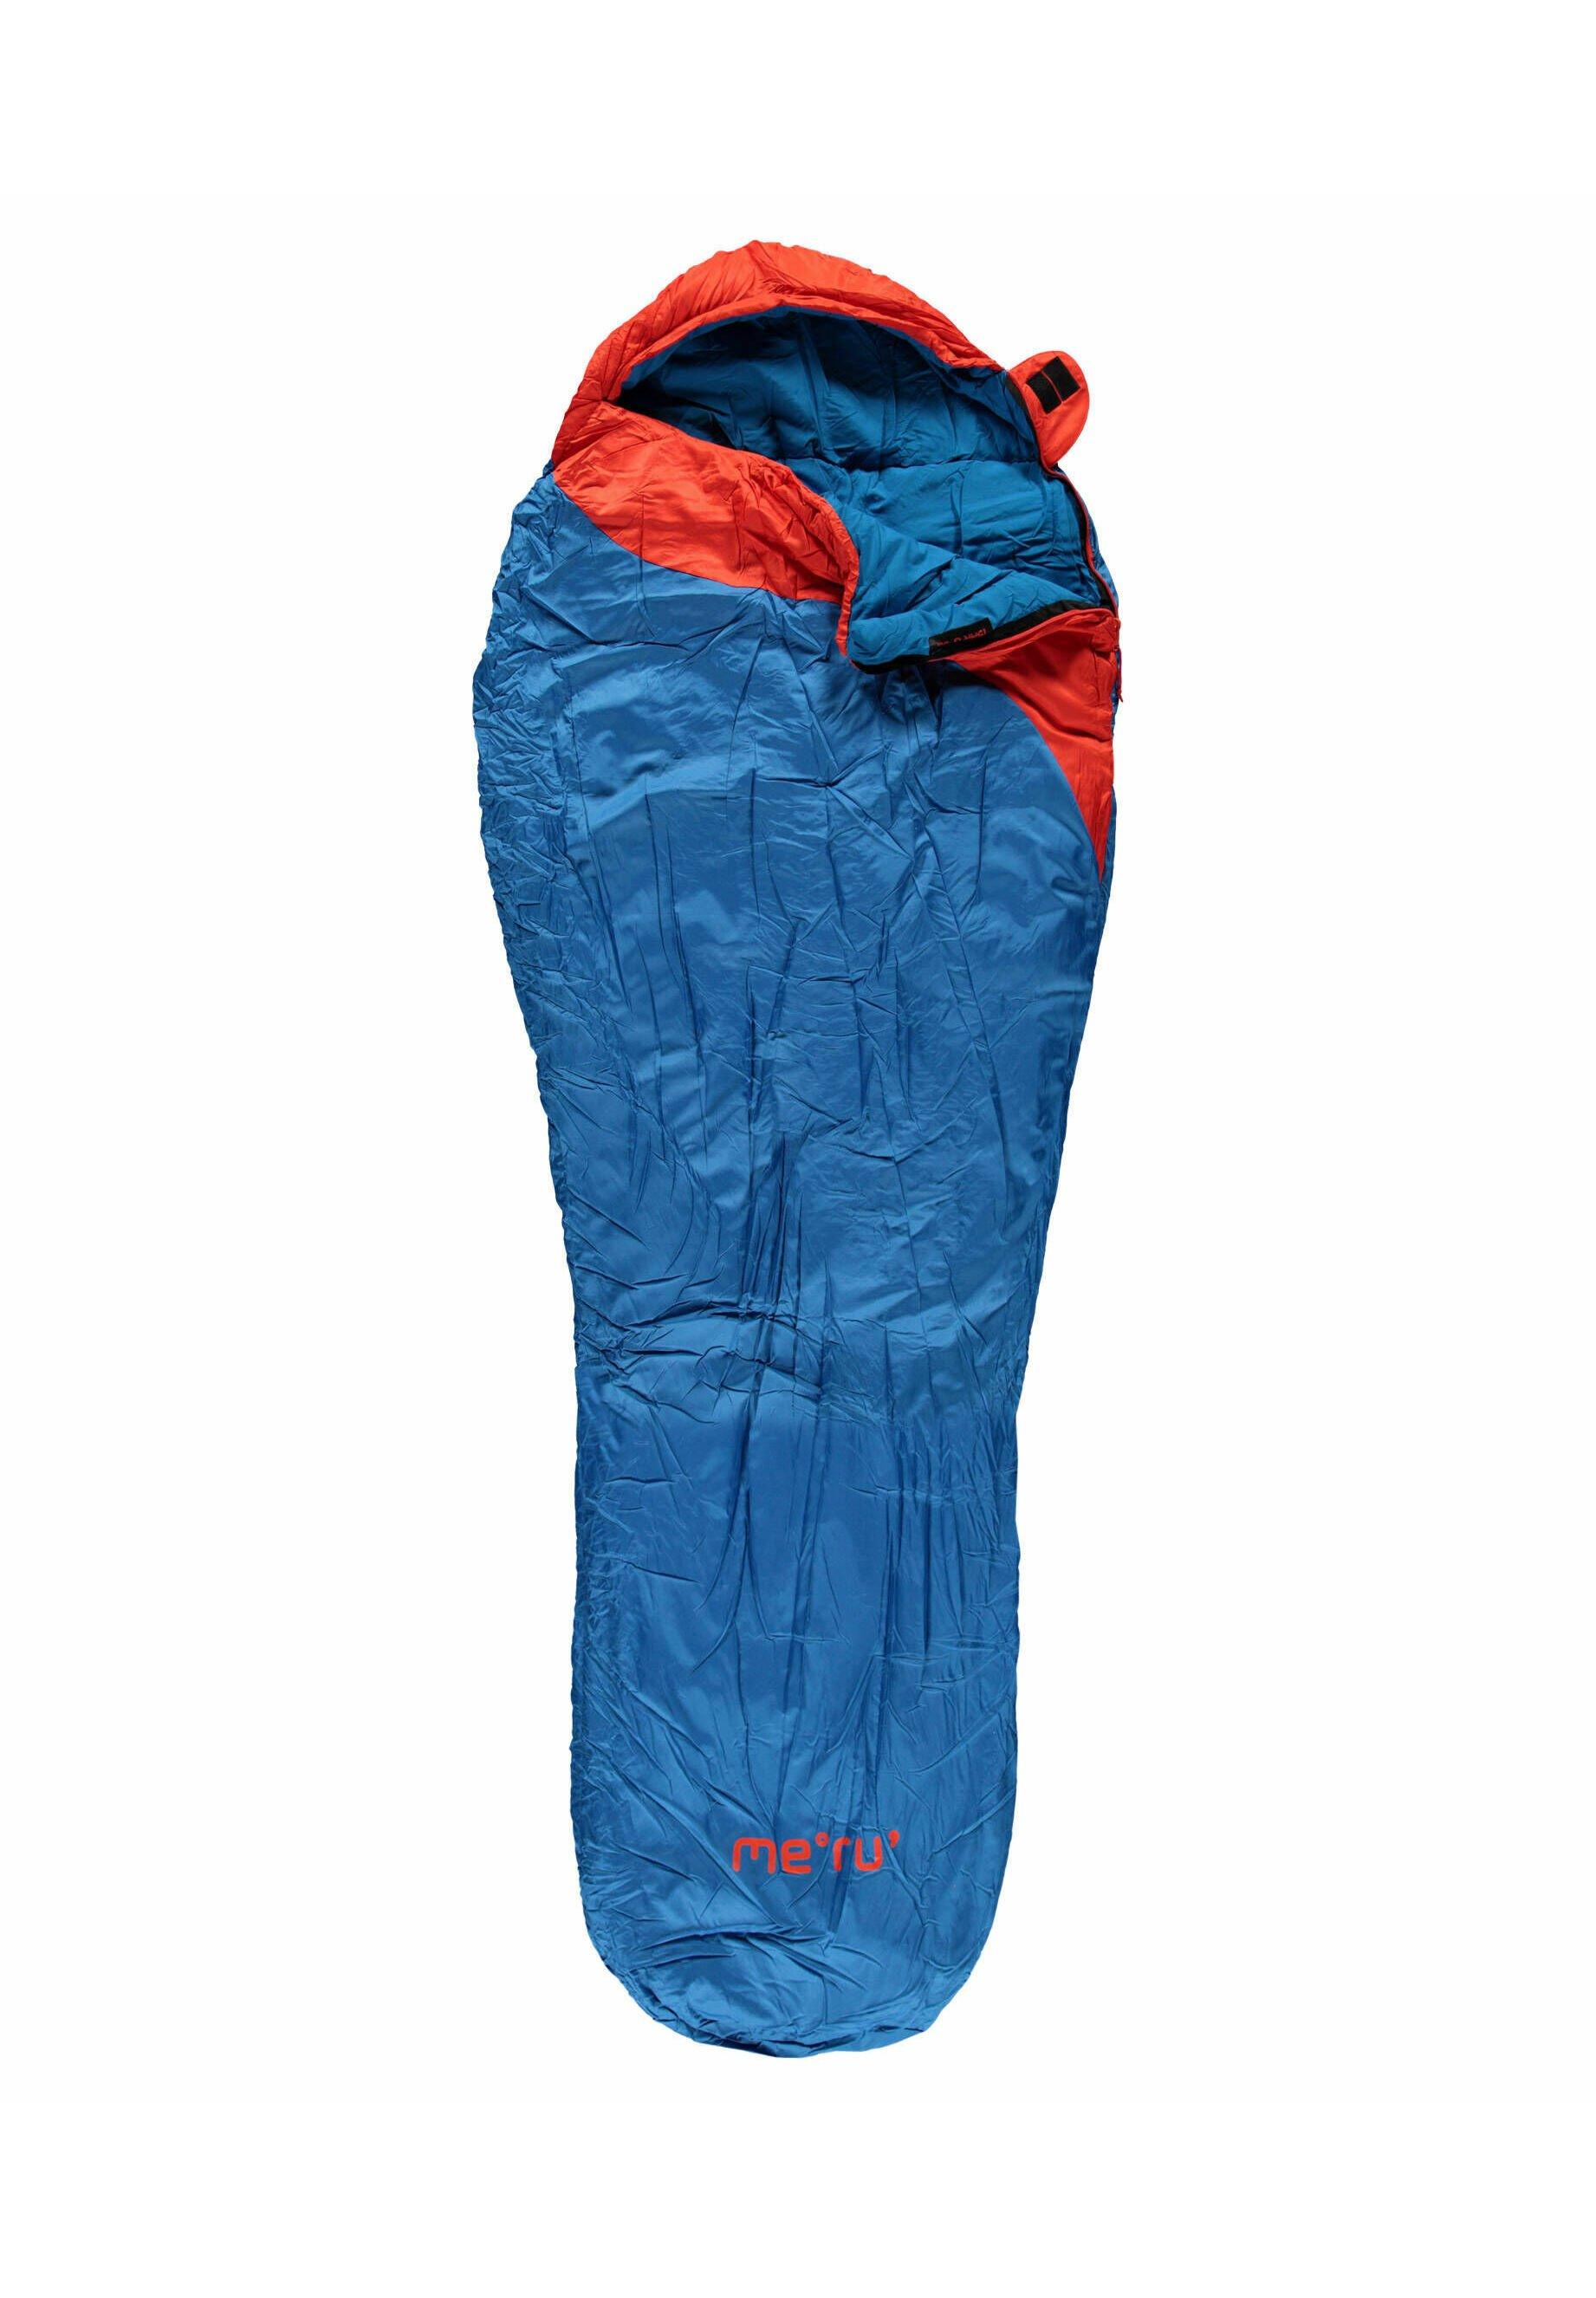 Herren ISAR 6 L - Schlafsack - blau    orange